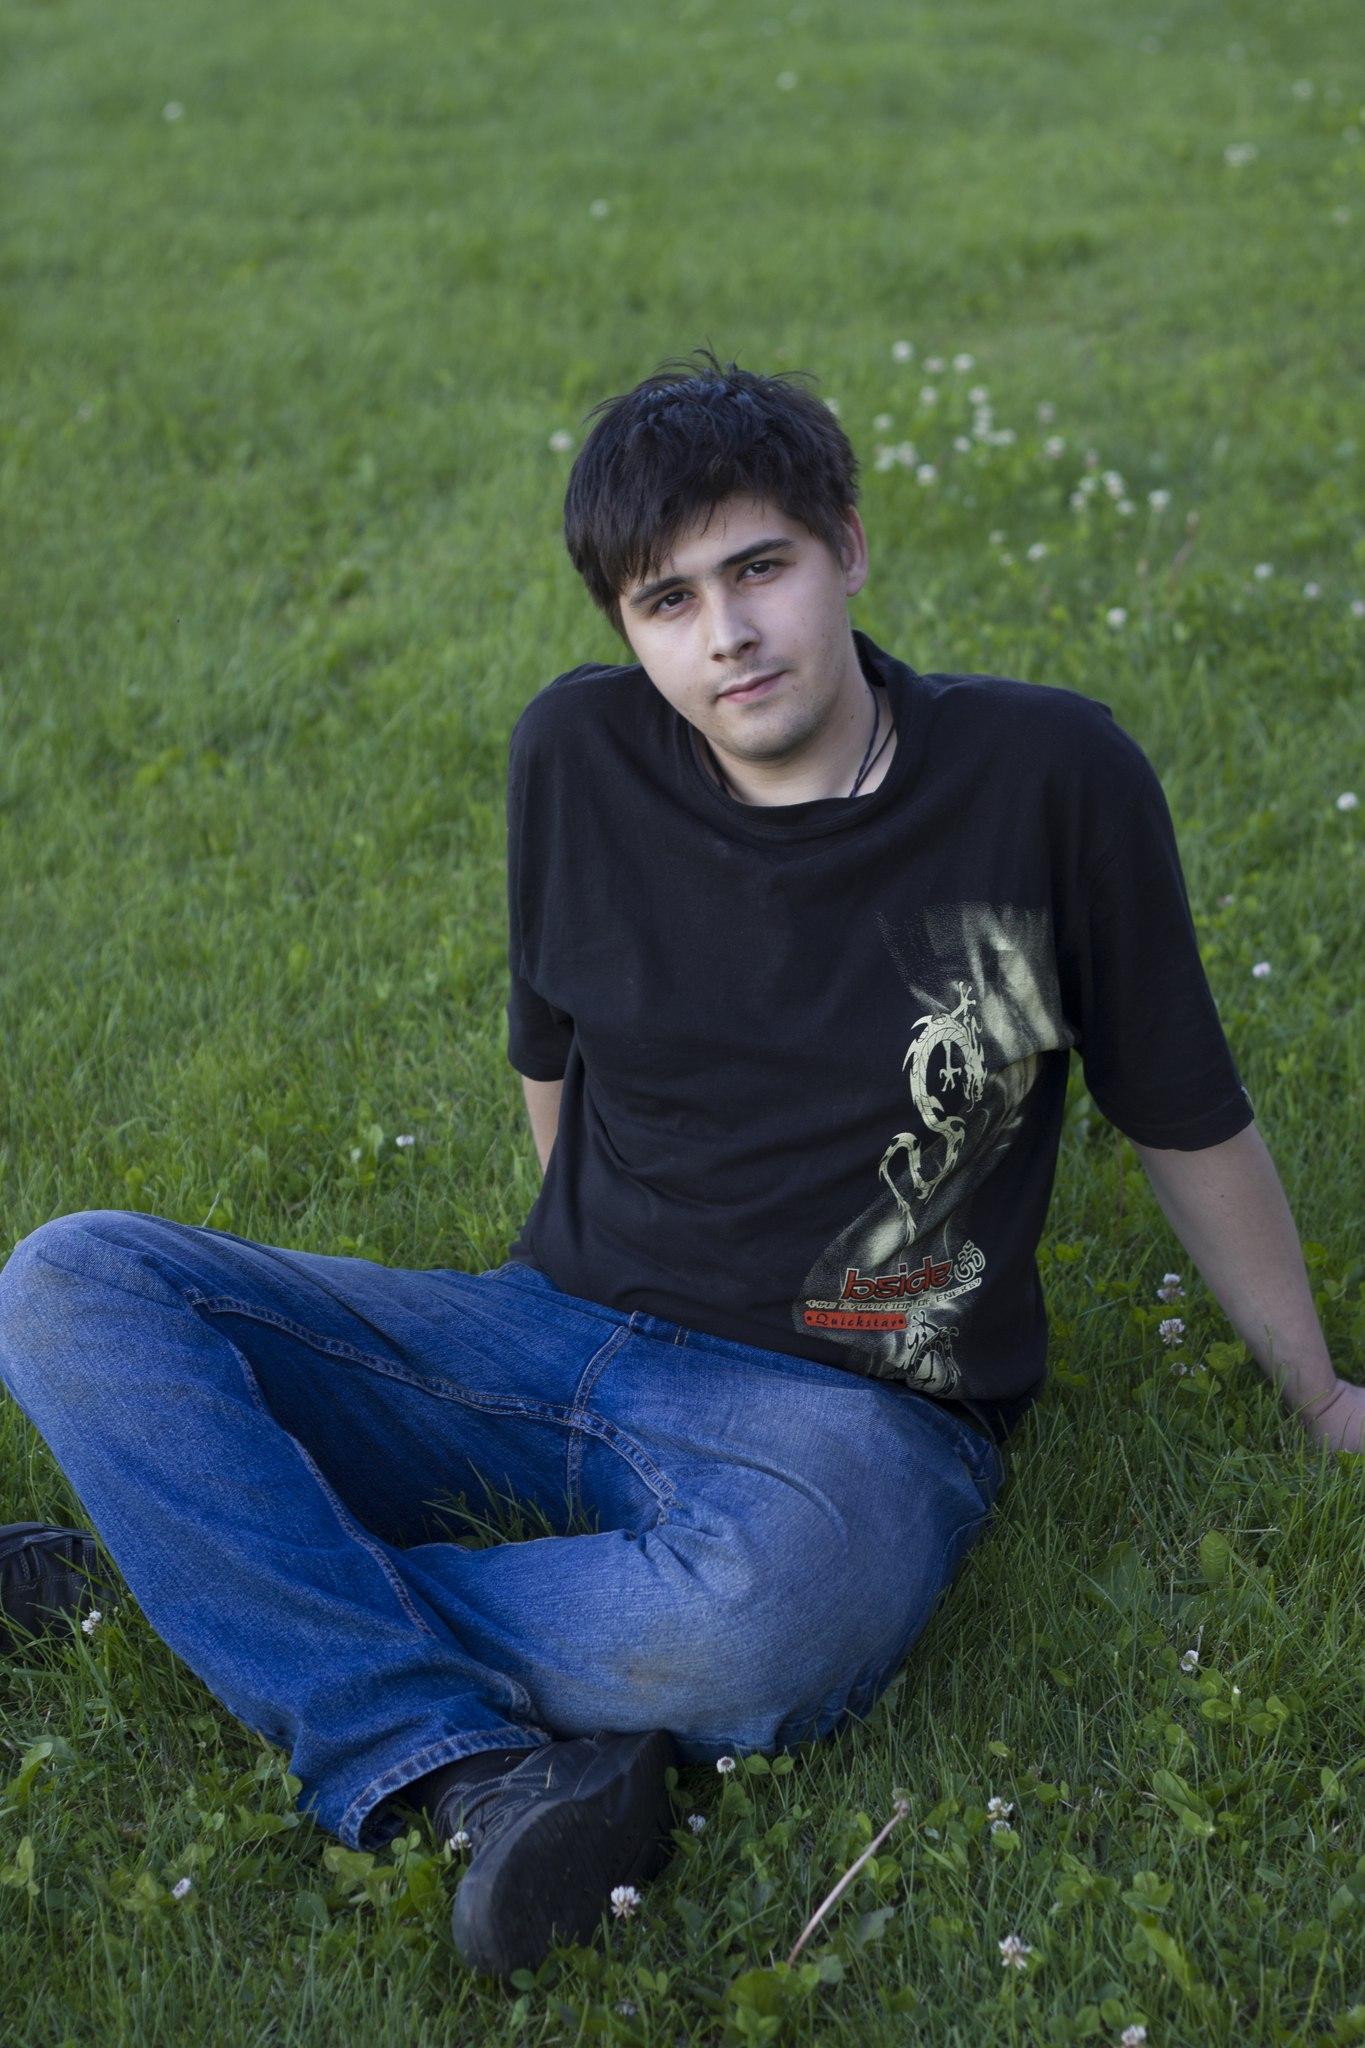 Фото молодых парней для девушек 11 фотография